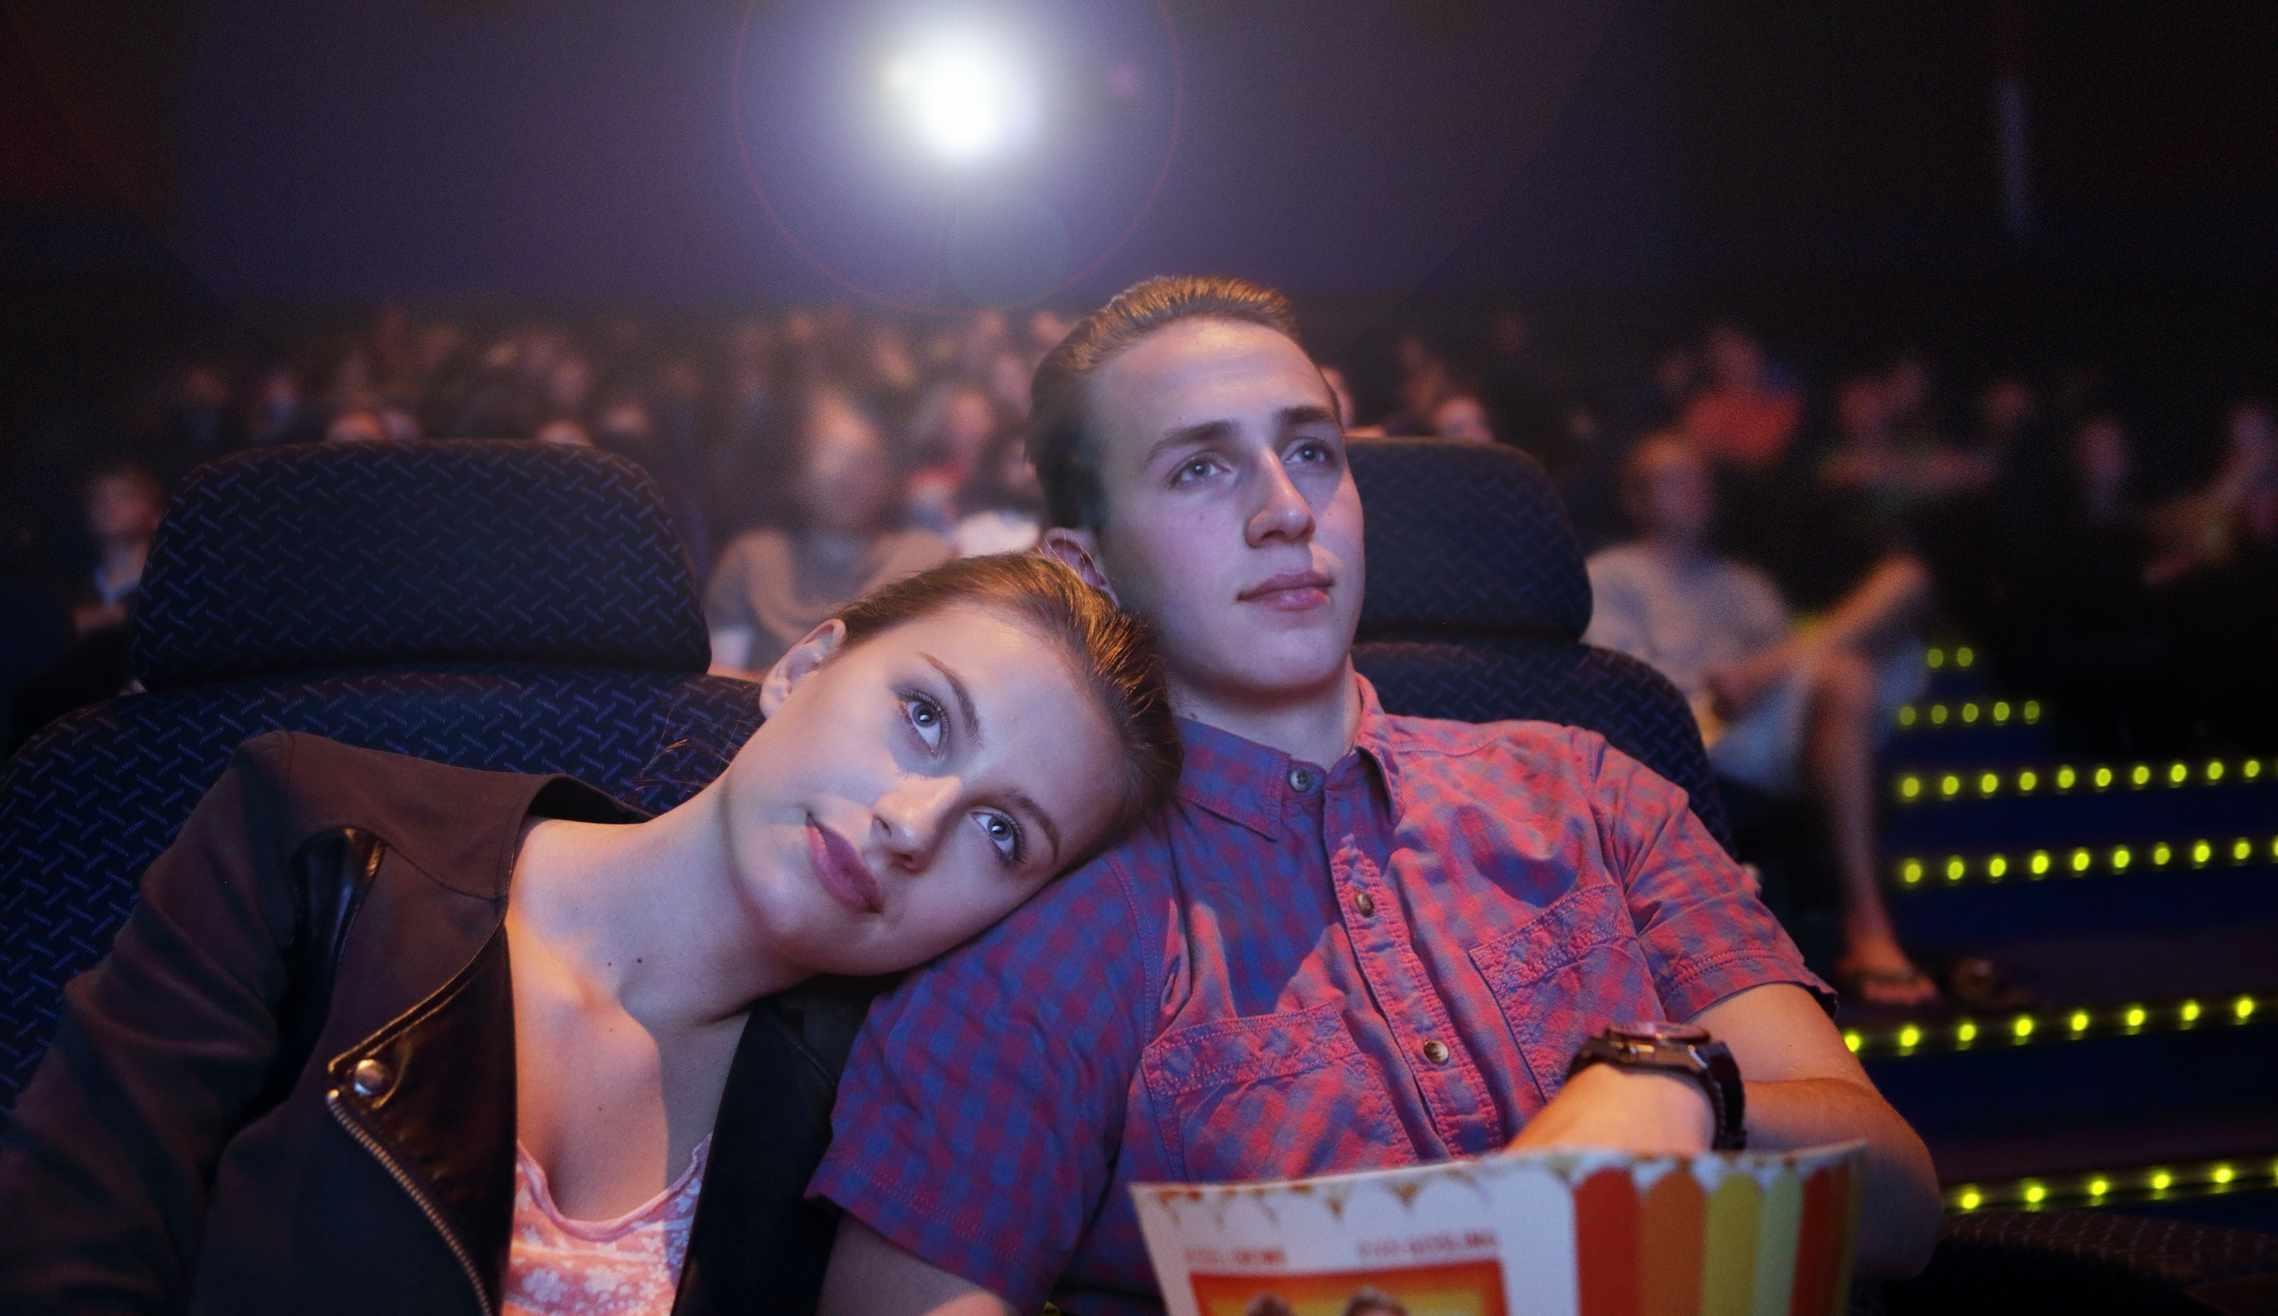 Una pareja ve una película y come palomitas en el cine